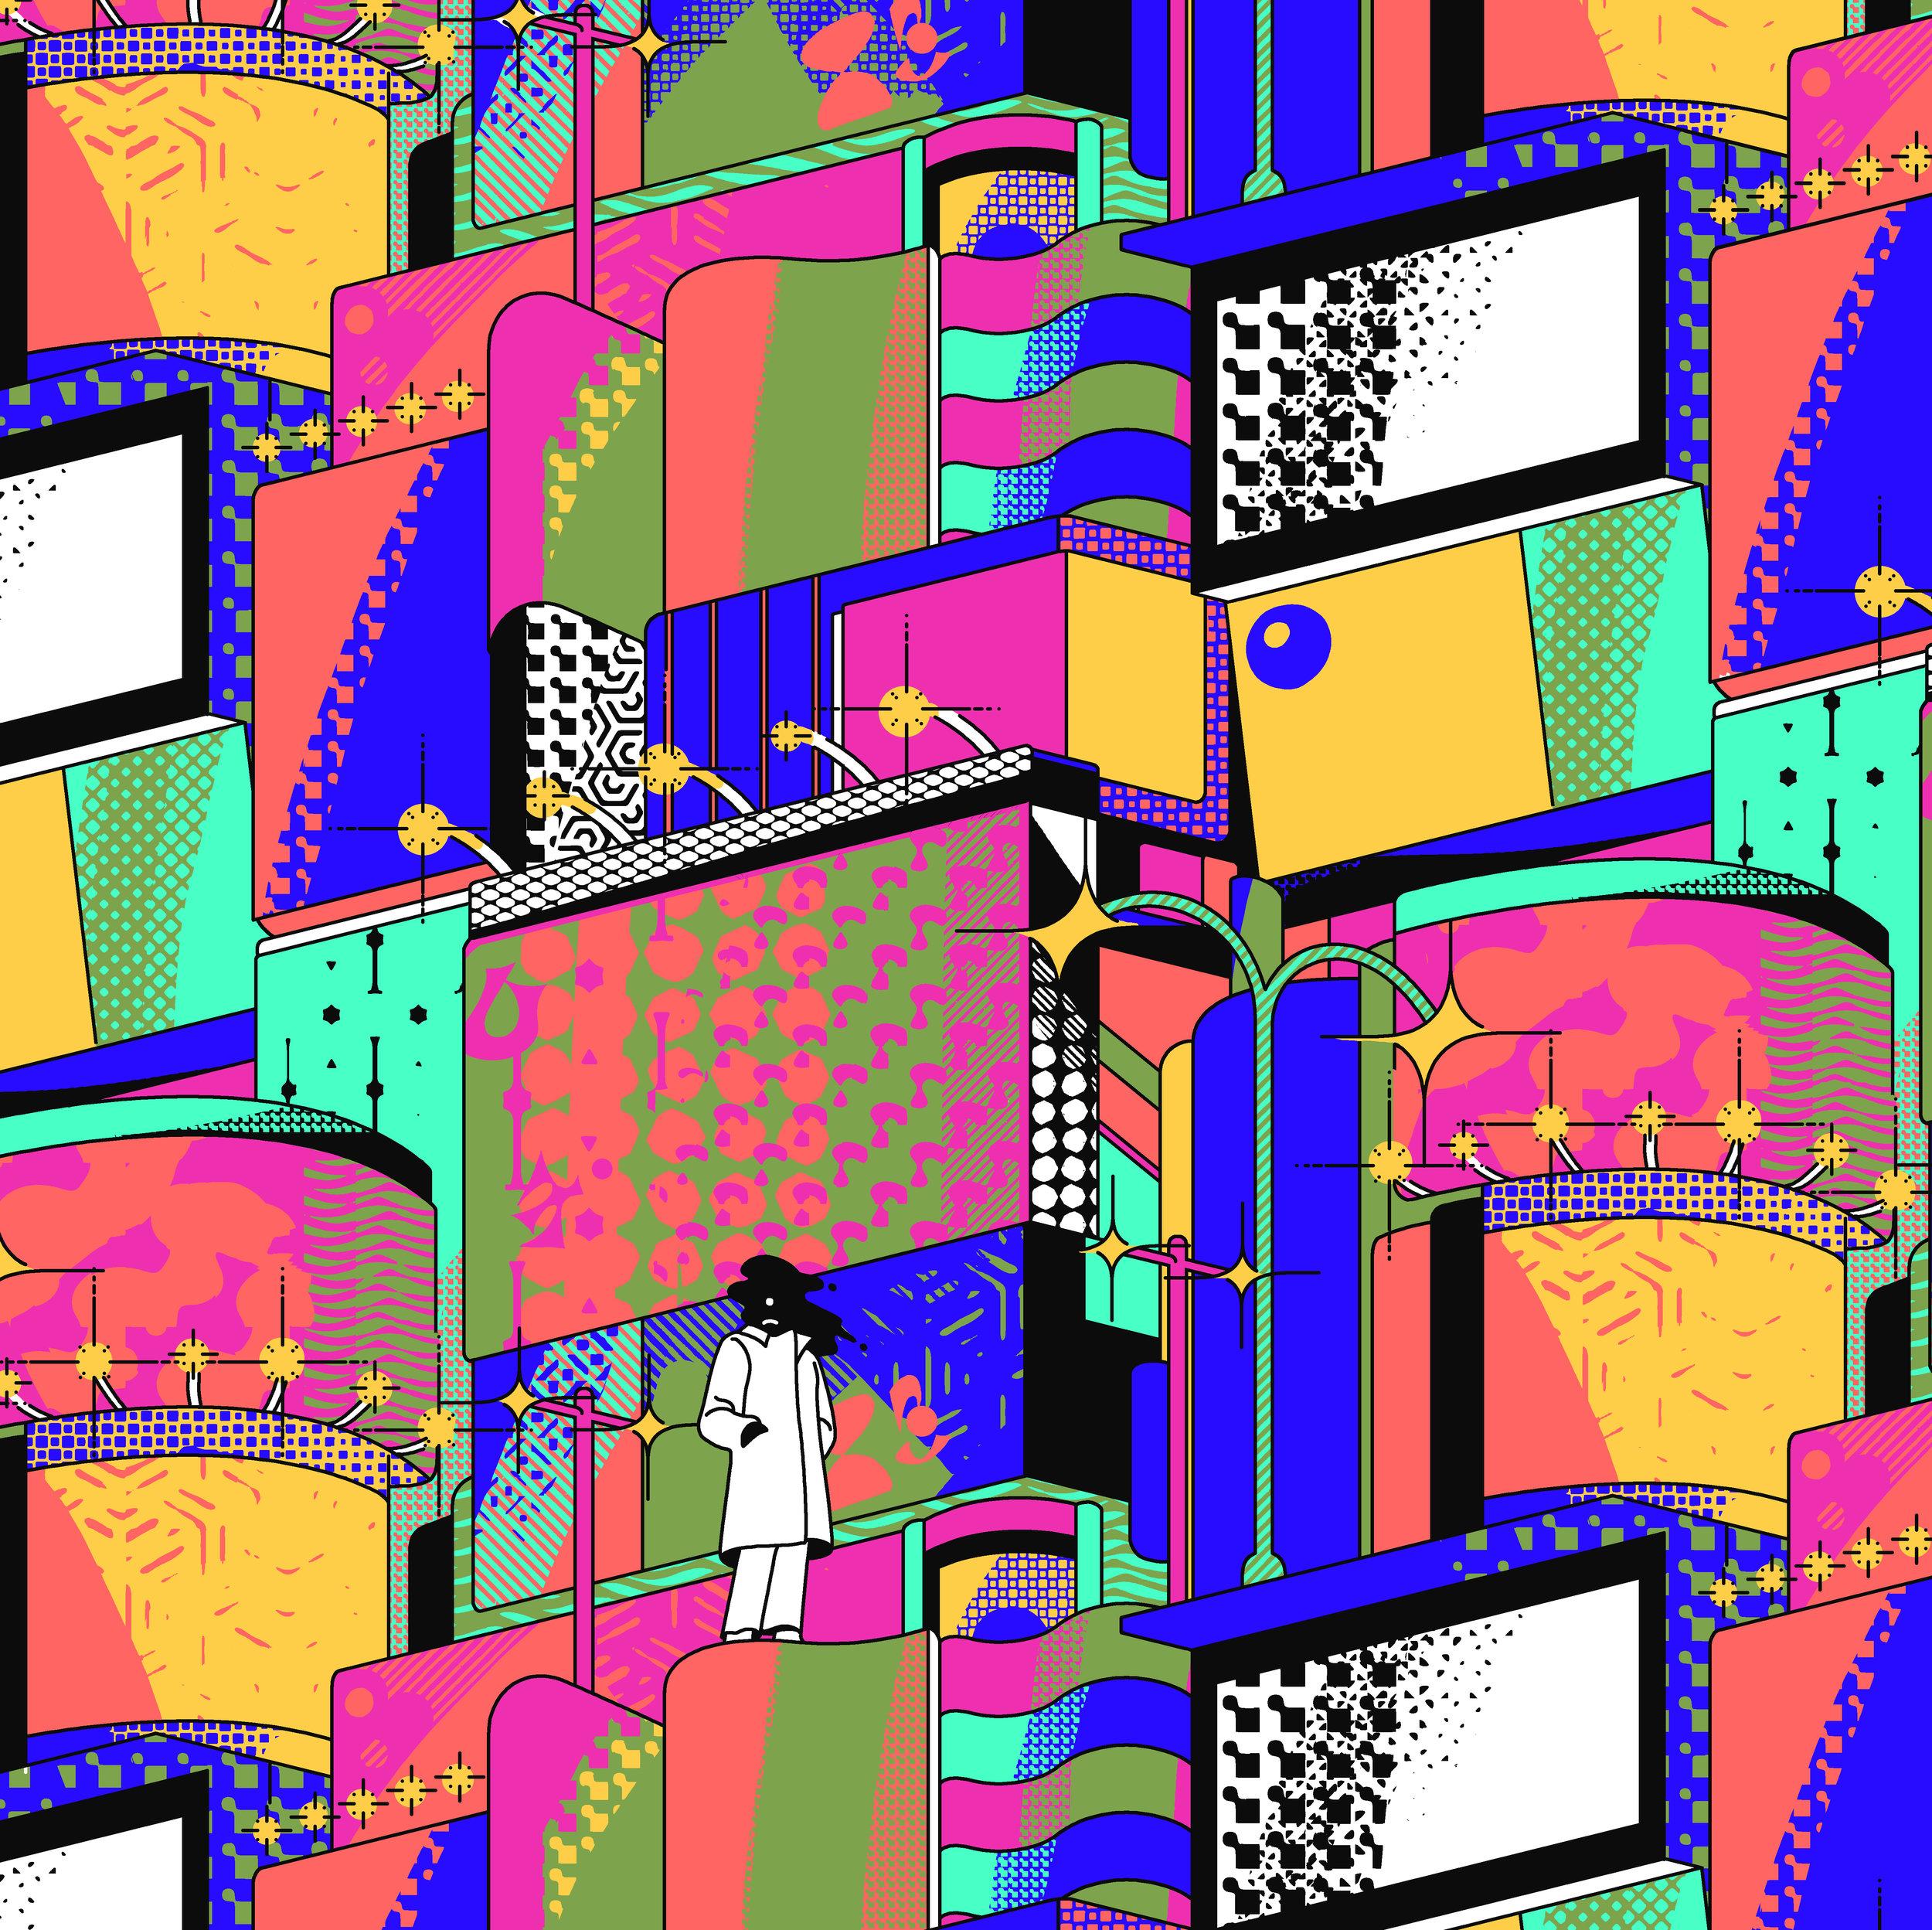 jinhwajang-pattern1.jpg